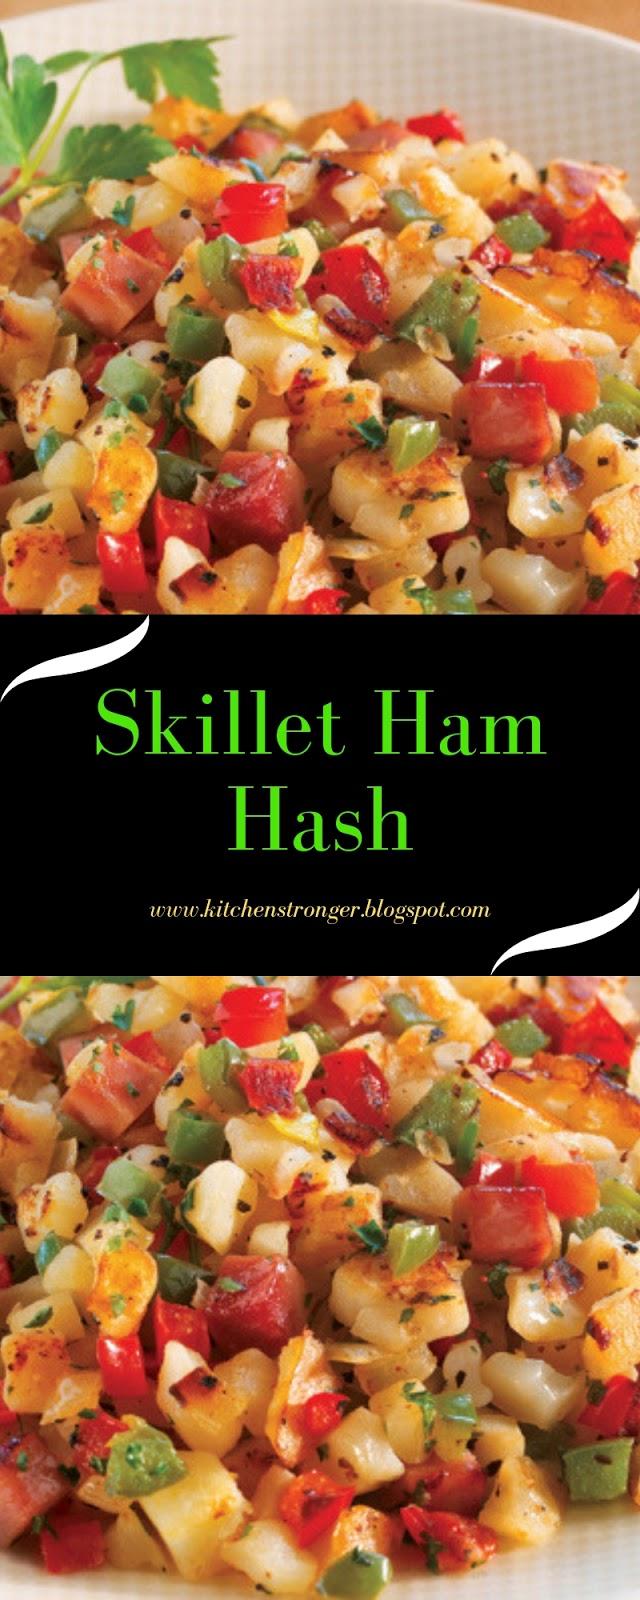 Skillet Ham Hash